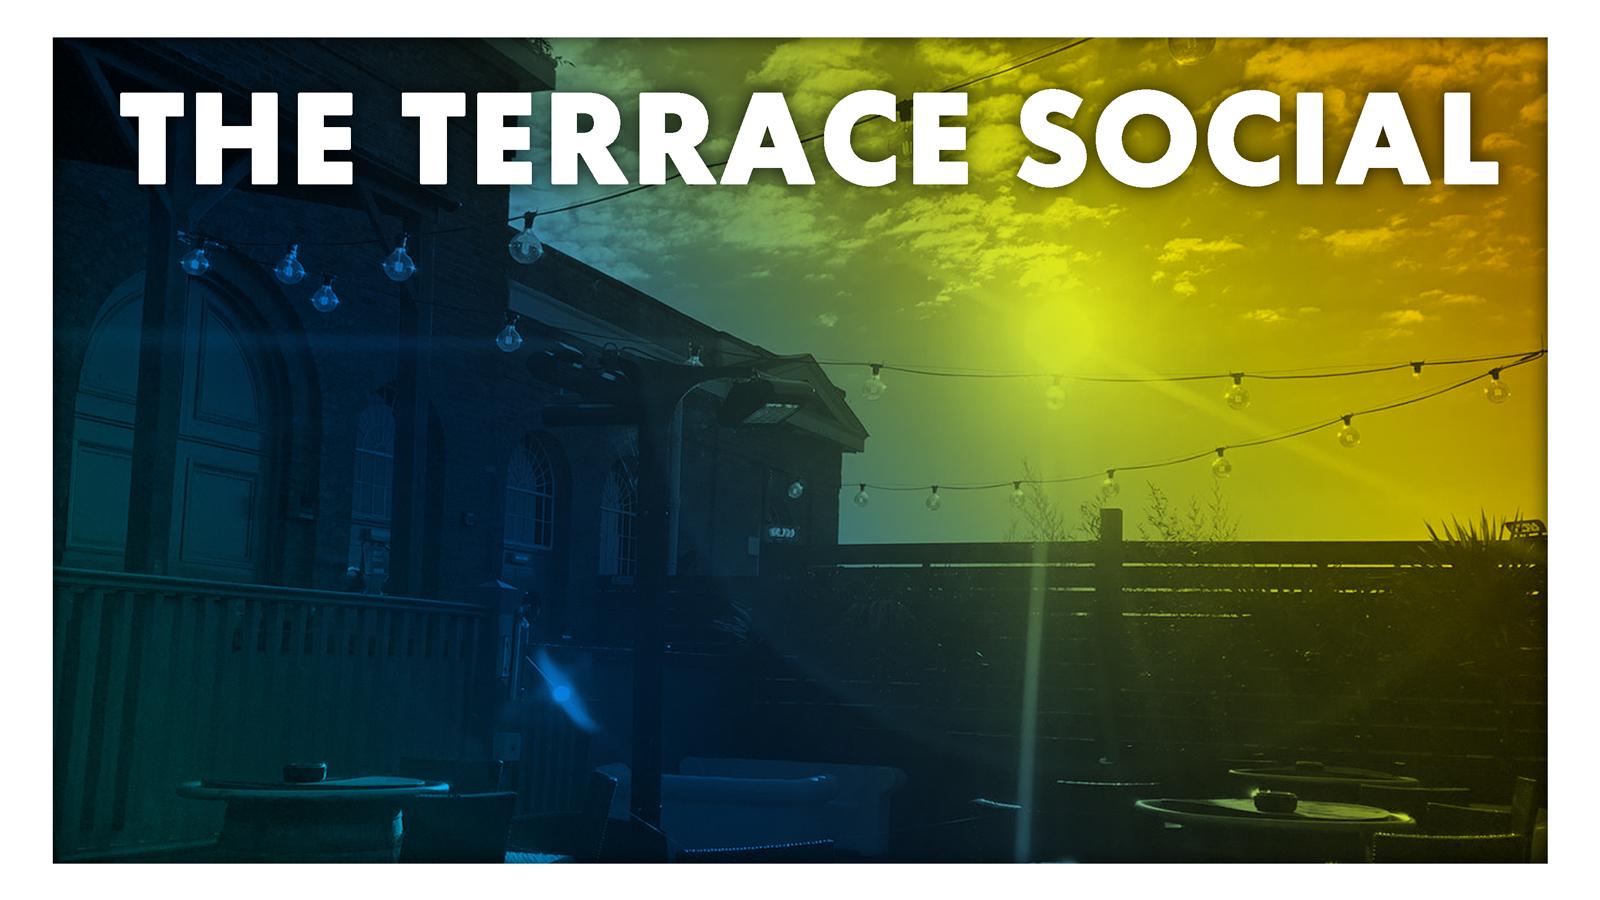 The Terrace Social